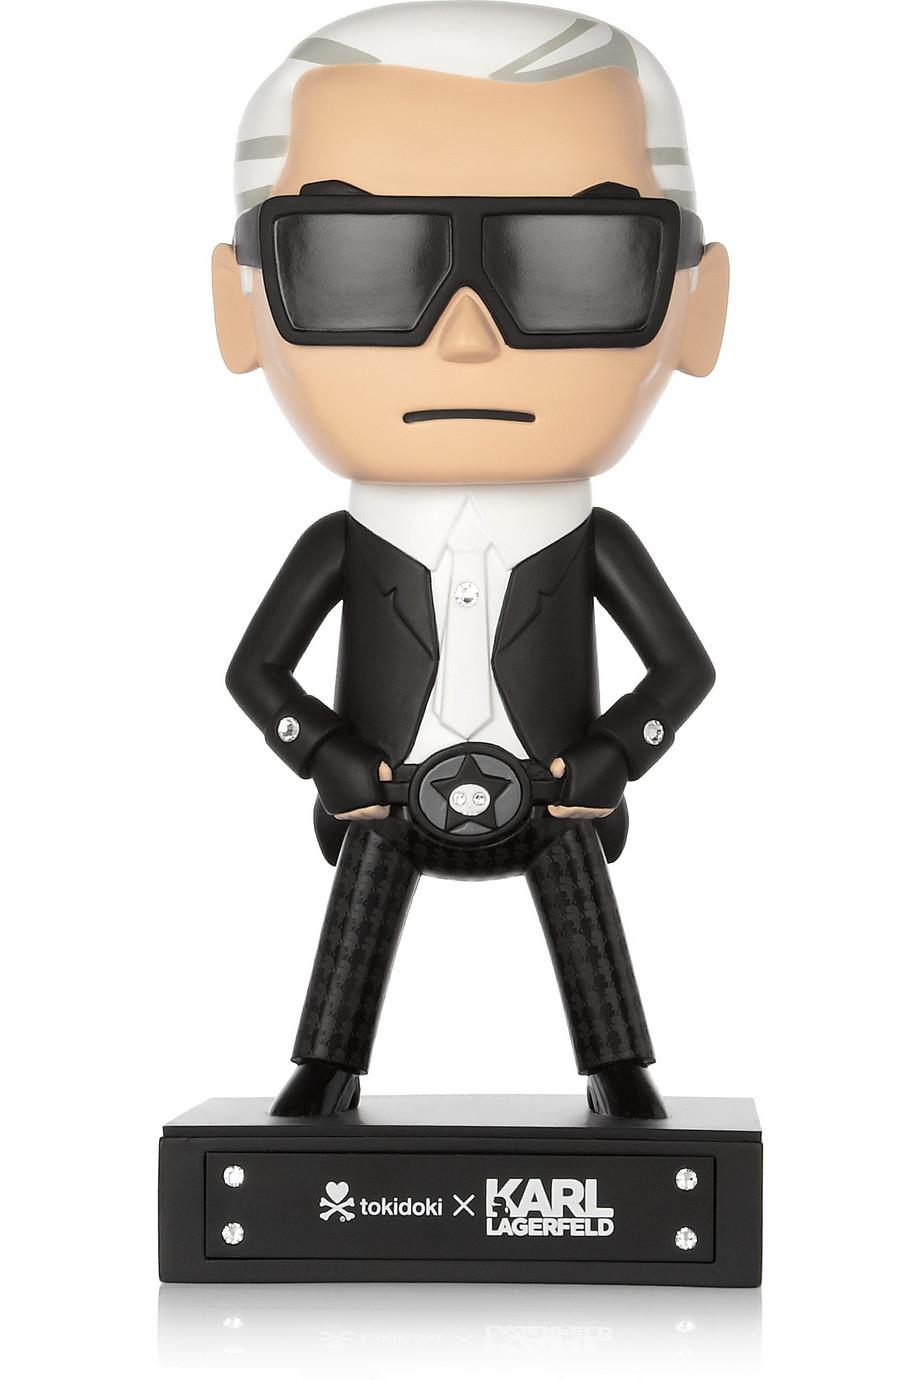 figurine karl lagerfeld tokidoki